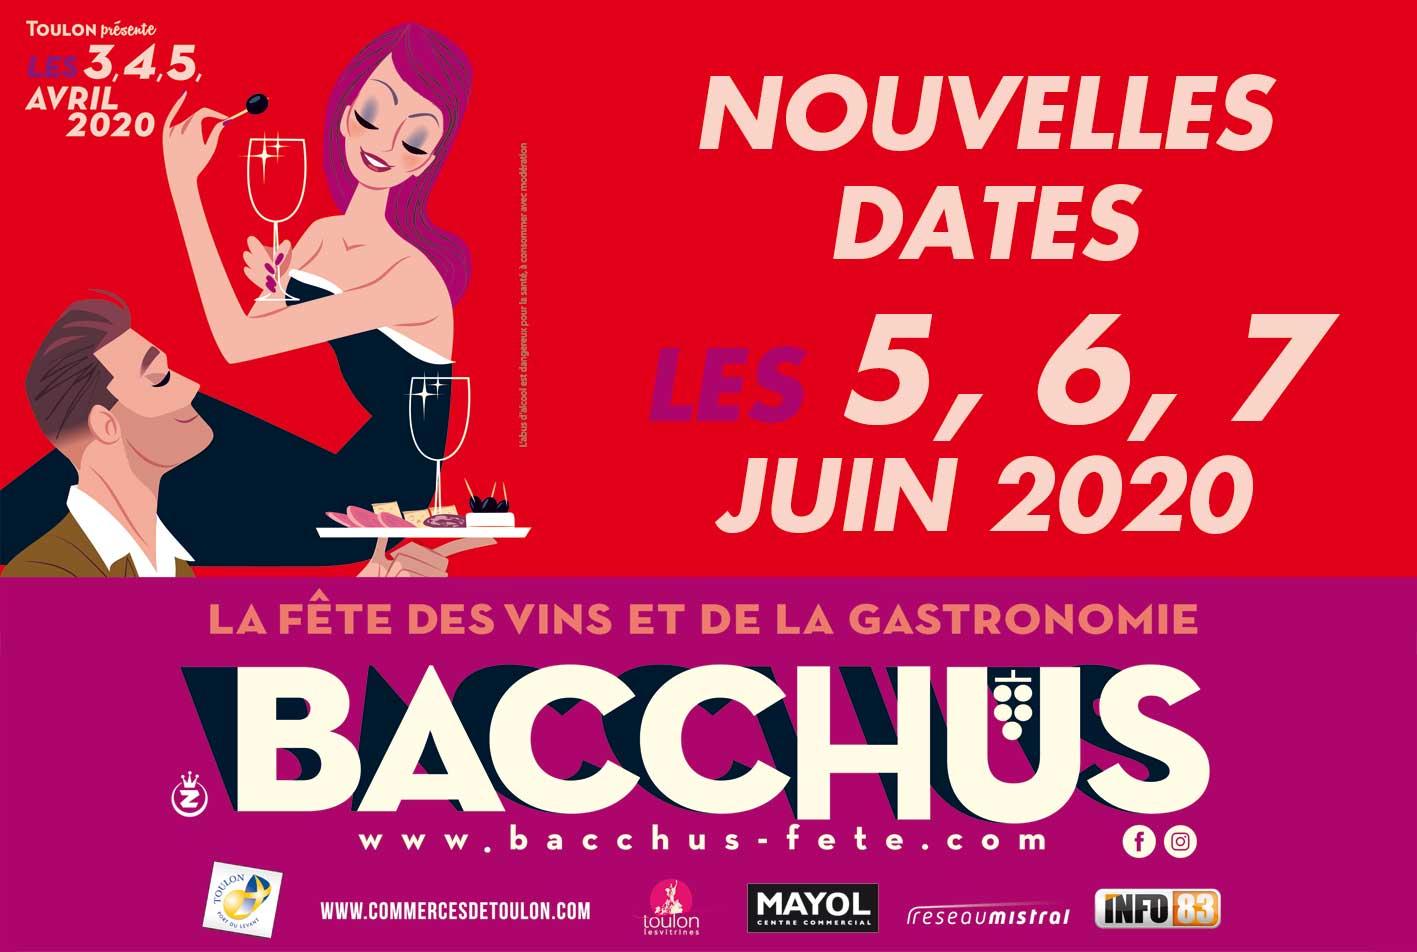 Juin 2020 à Toulon : Bacchus, fête des vins et de la gastronomie